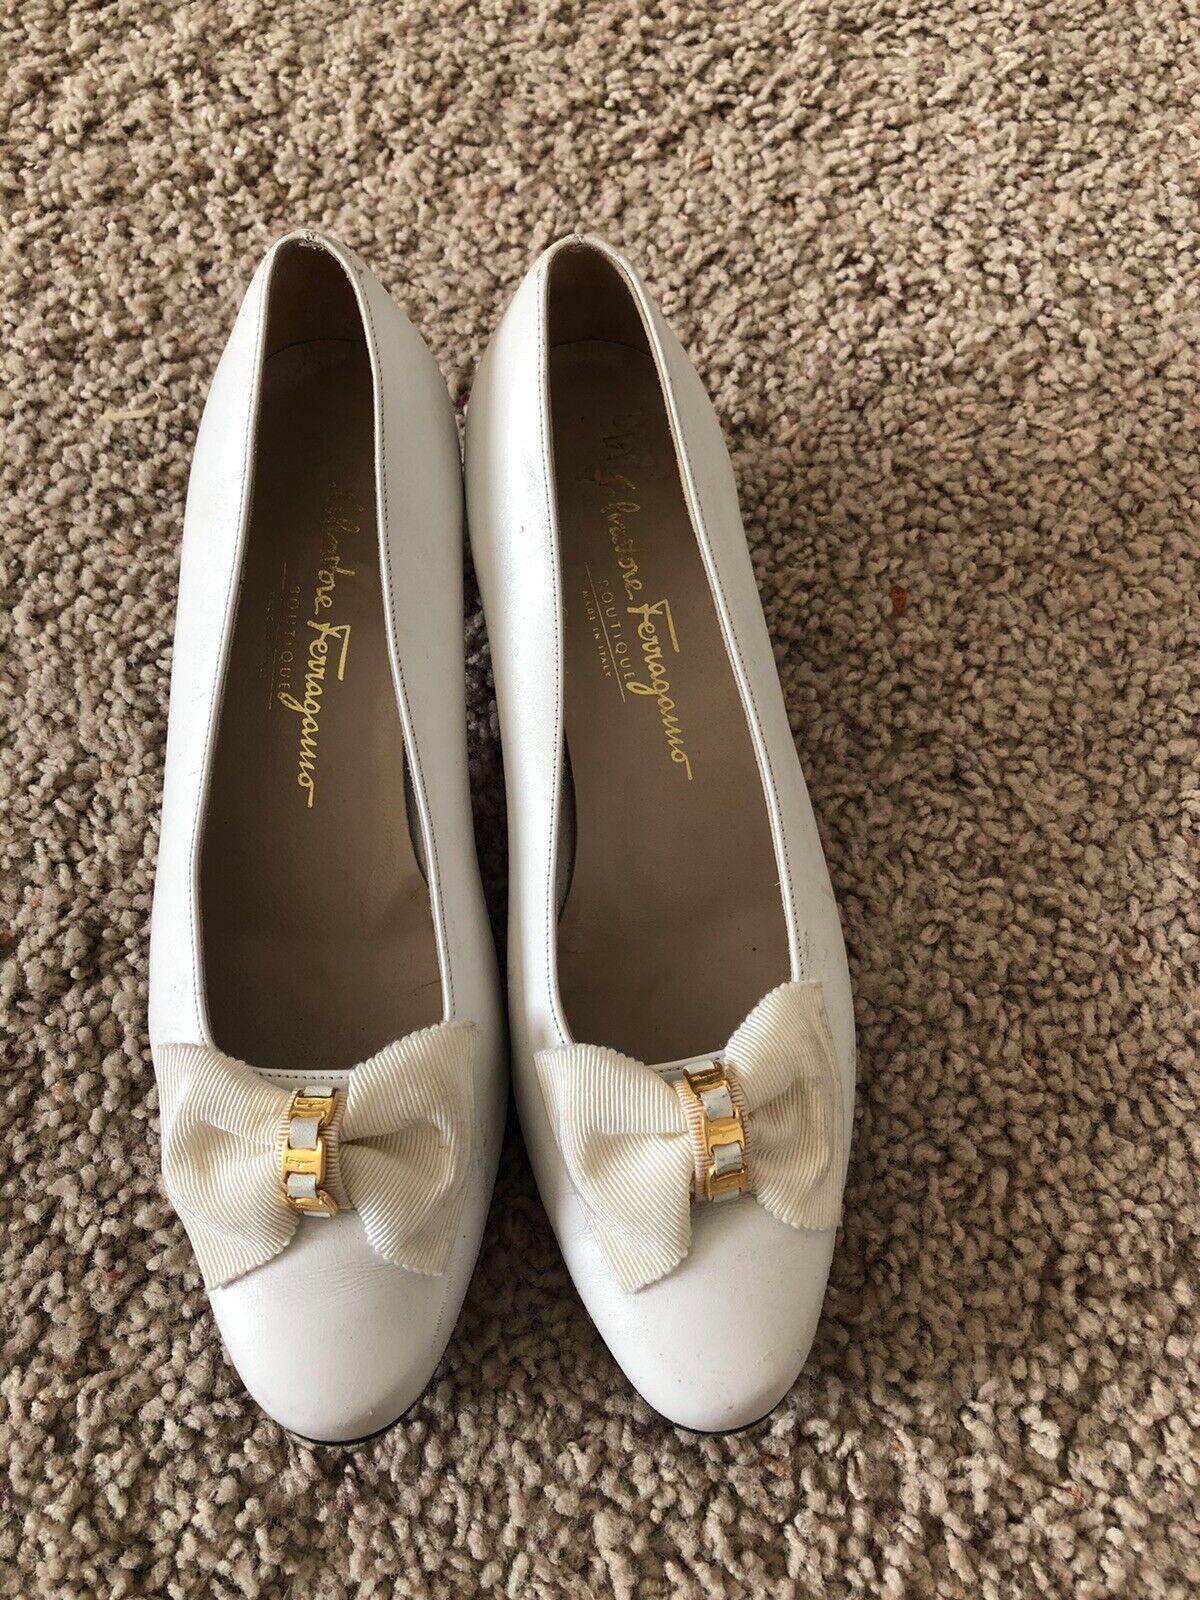 Salvatore Ferragamo Größe 9 Vintage Short Heels Weiß Gold Bow Leather